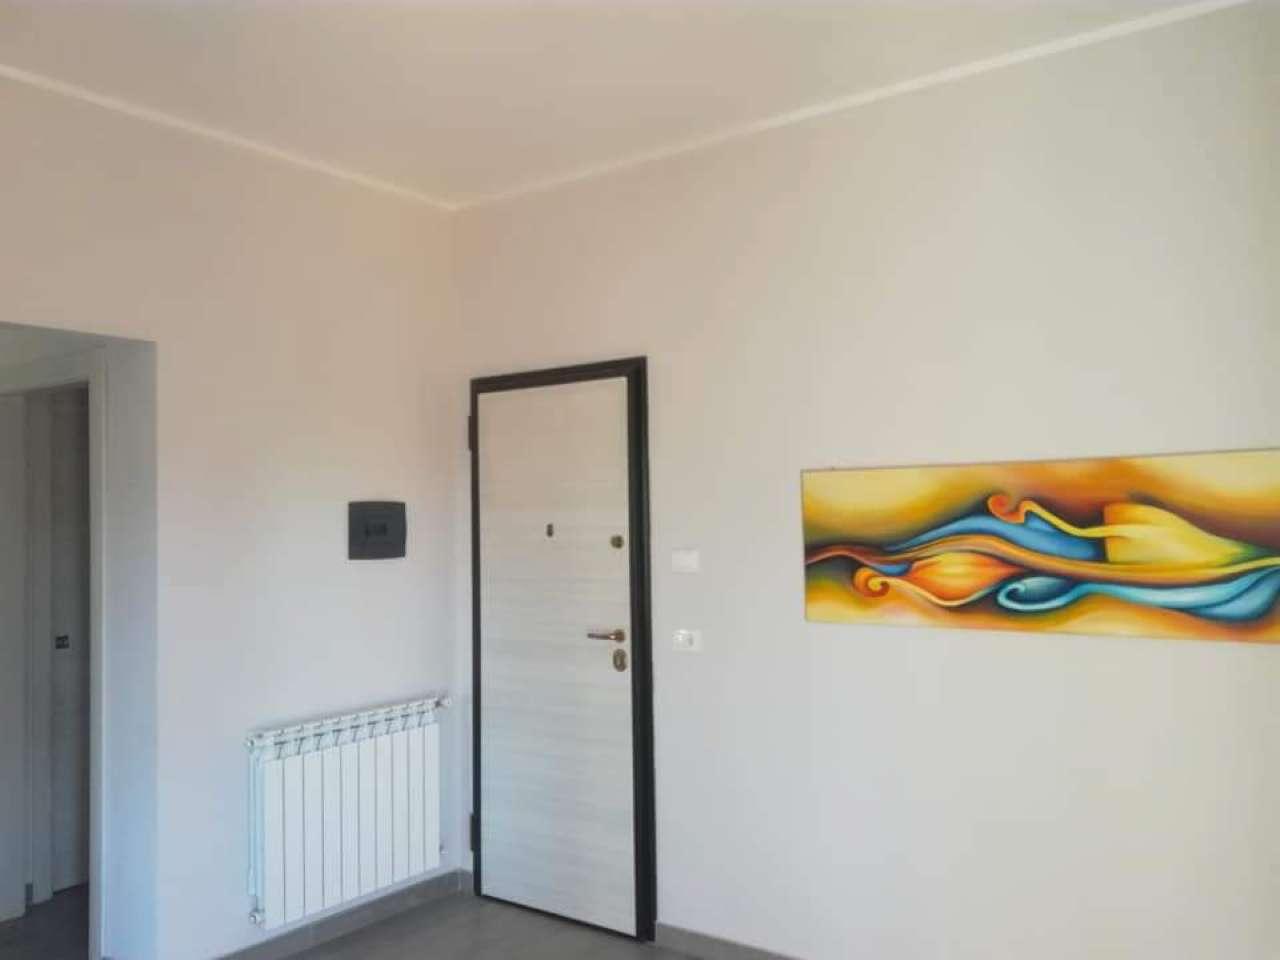 Appartamento in vendita a Mascalucia, 3 locali, prezzo € 95.000 | PortaleAgenzieImmobiliari.it